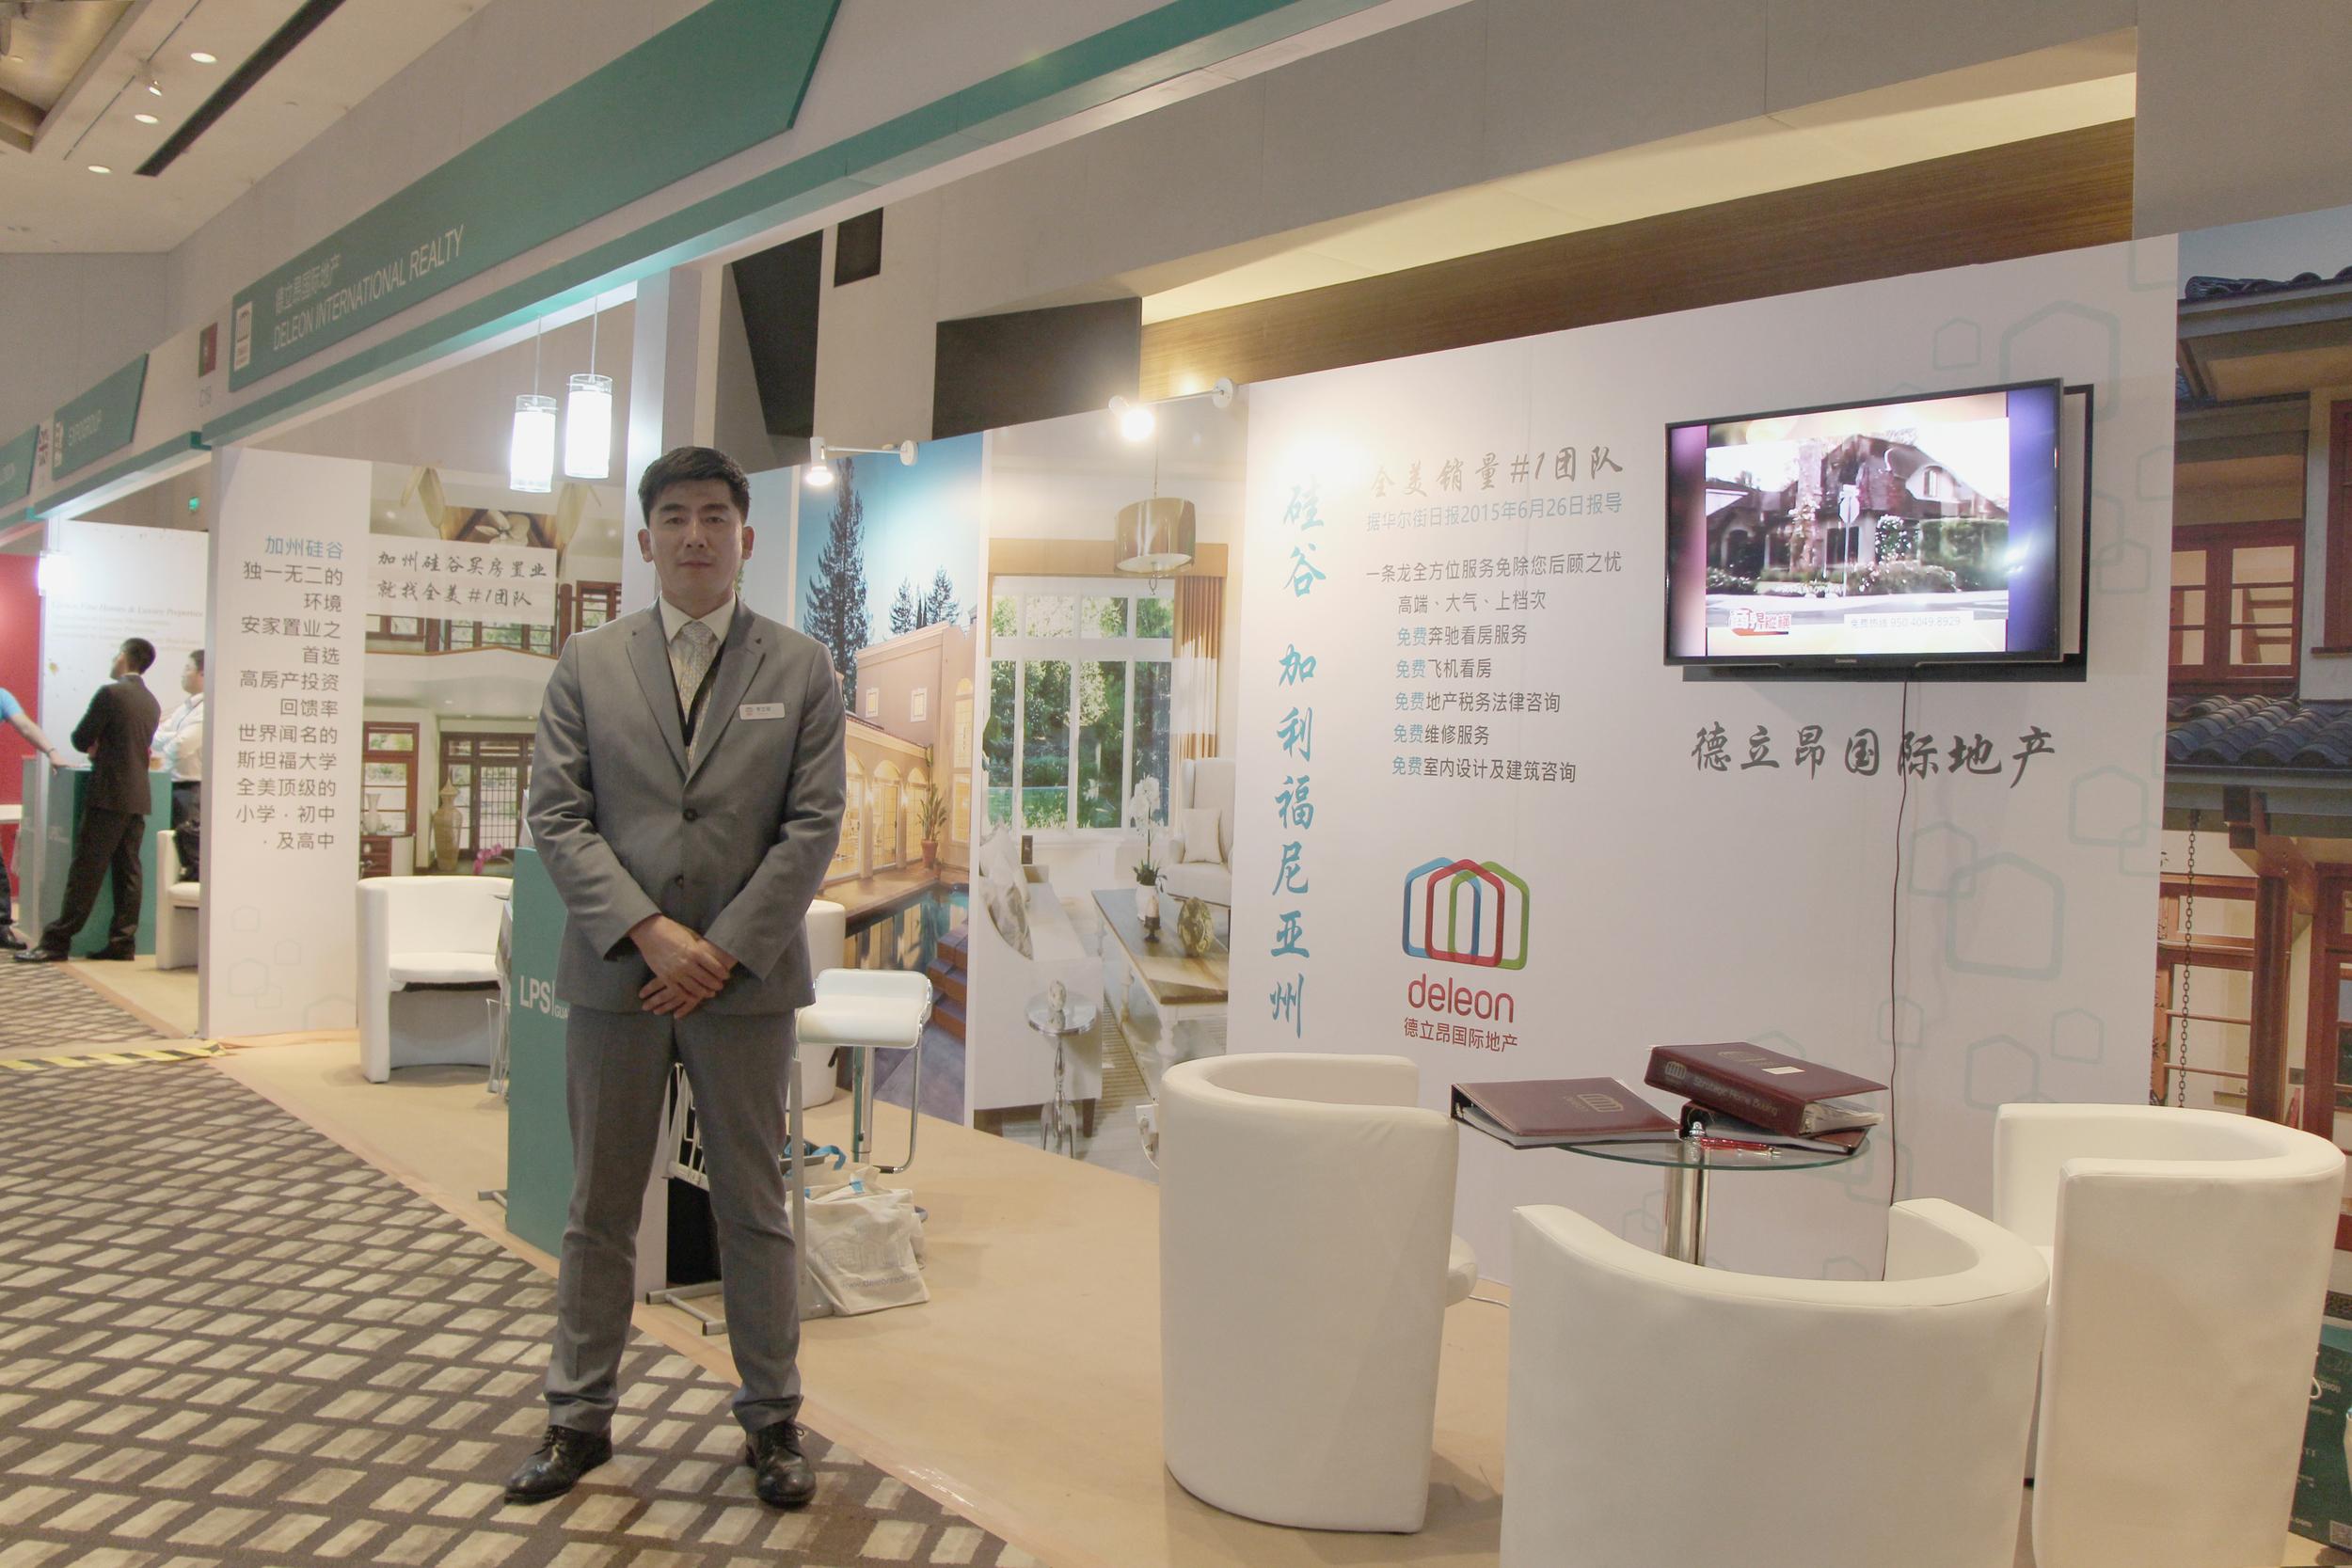 lps_guangzhou2.jpg